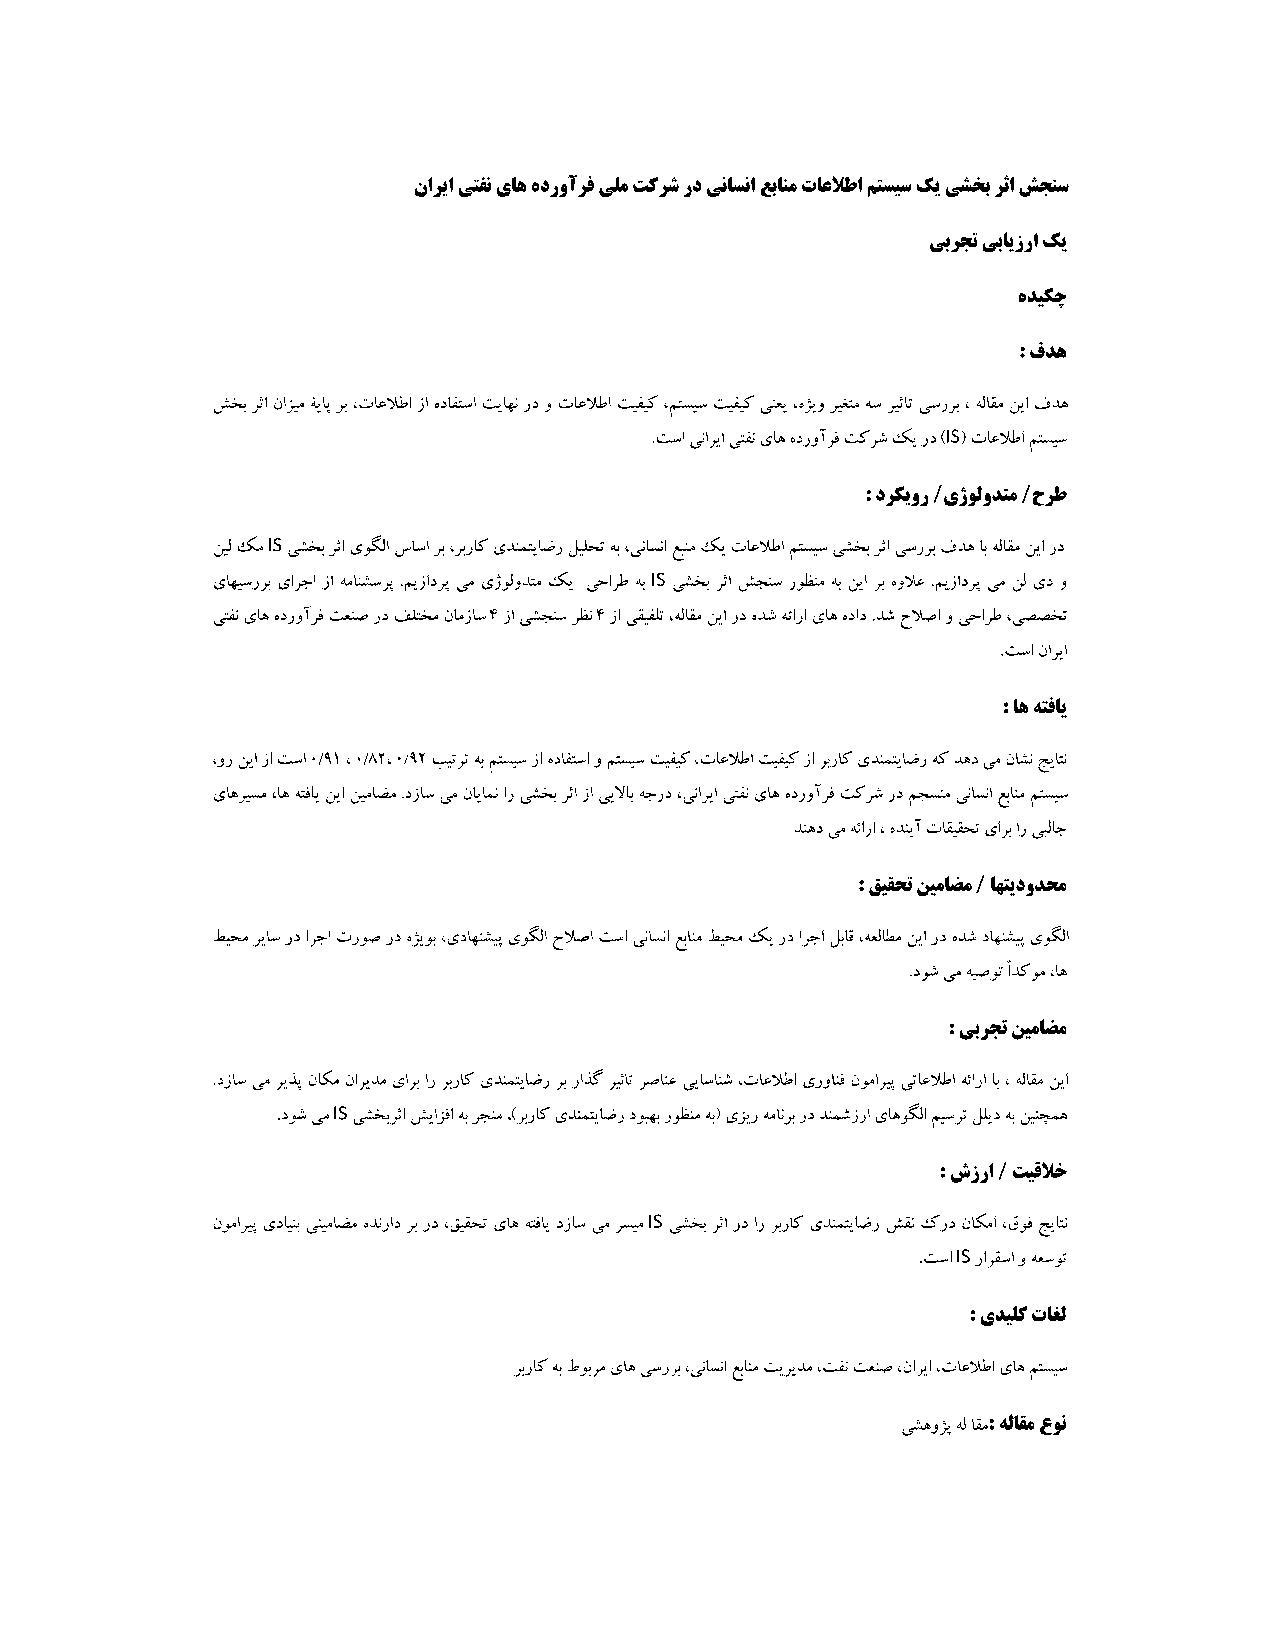 ترجمه مقاله و تحقیق - سنجش اثر بخشی یک سیستم اطلاعات منابع انسانی در شرکت ملی فرآورده های نفتی ایران یک ارزیابی تجربی19